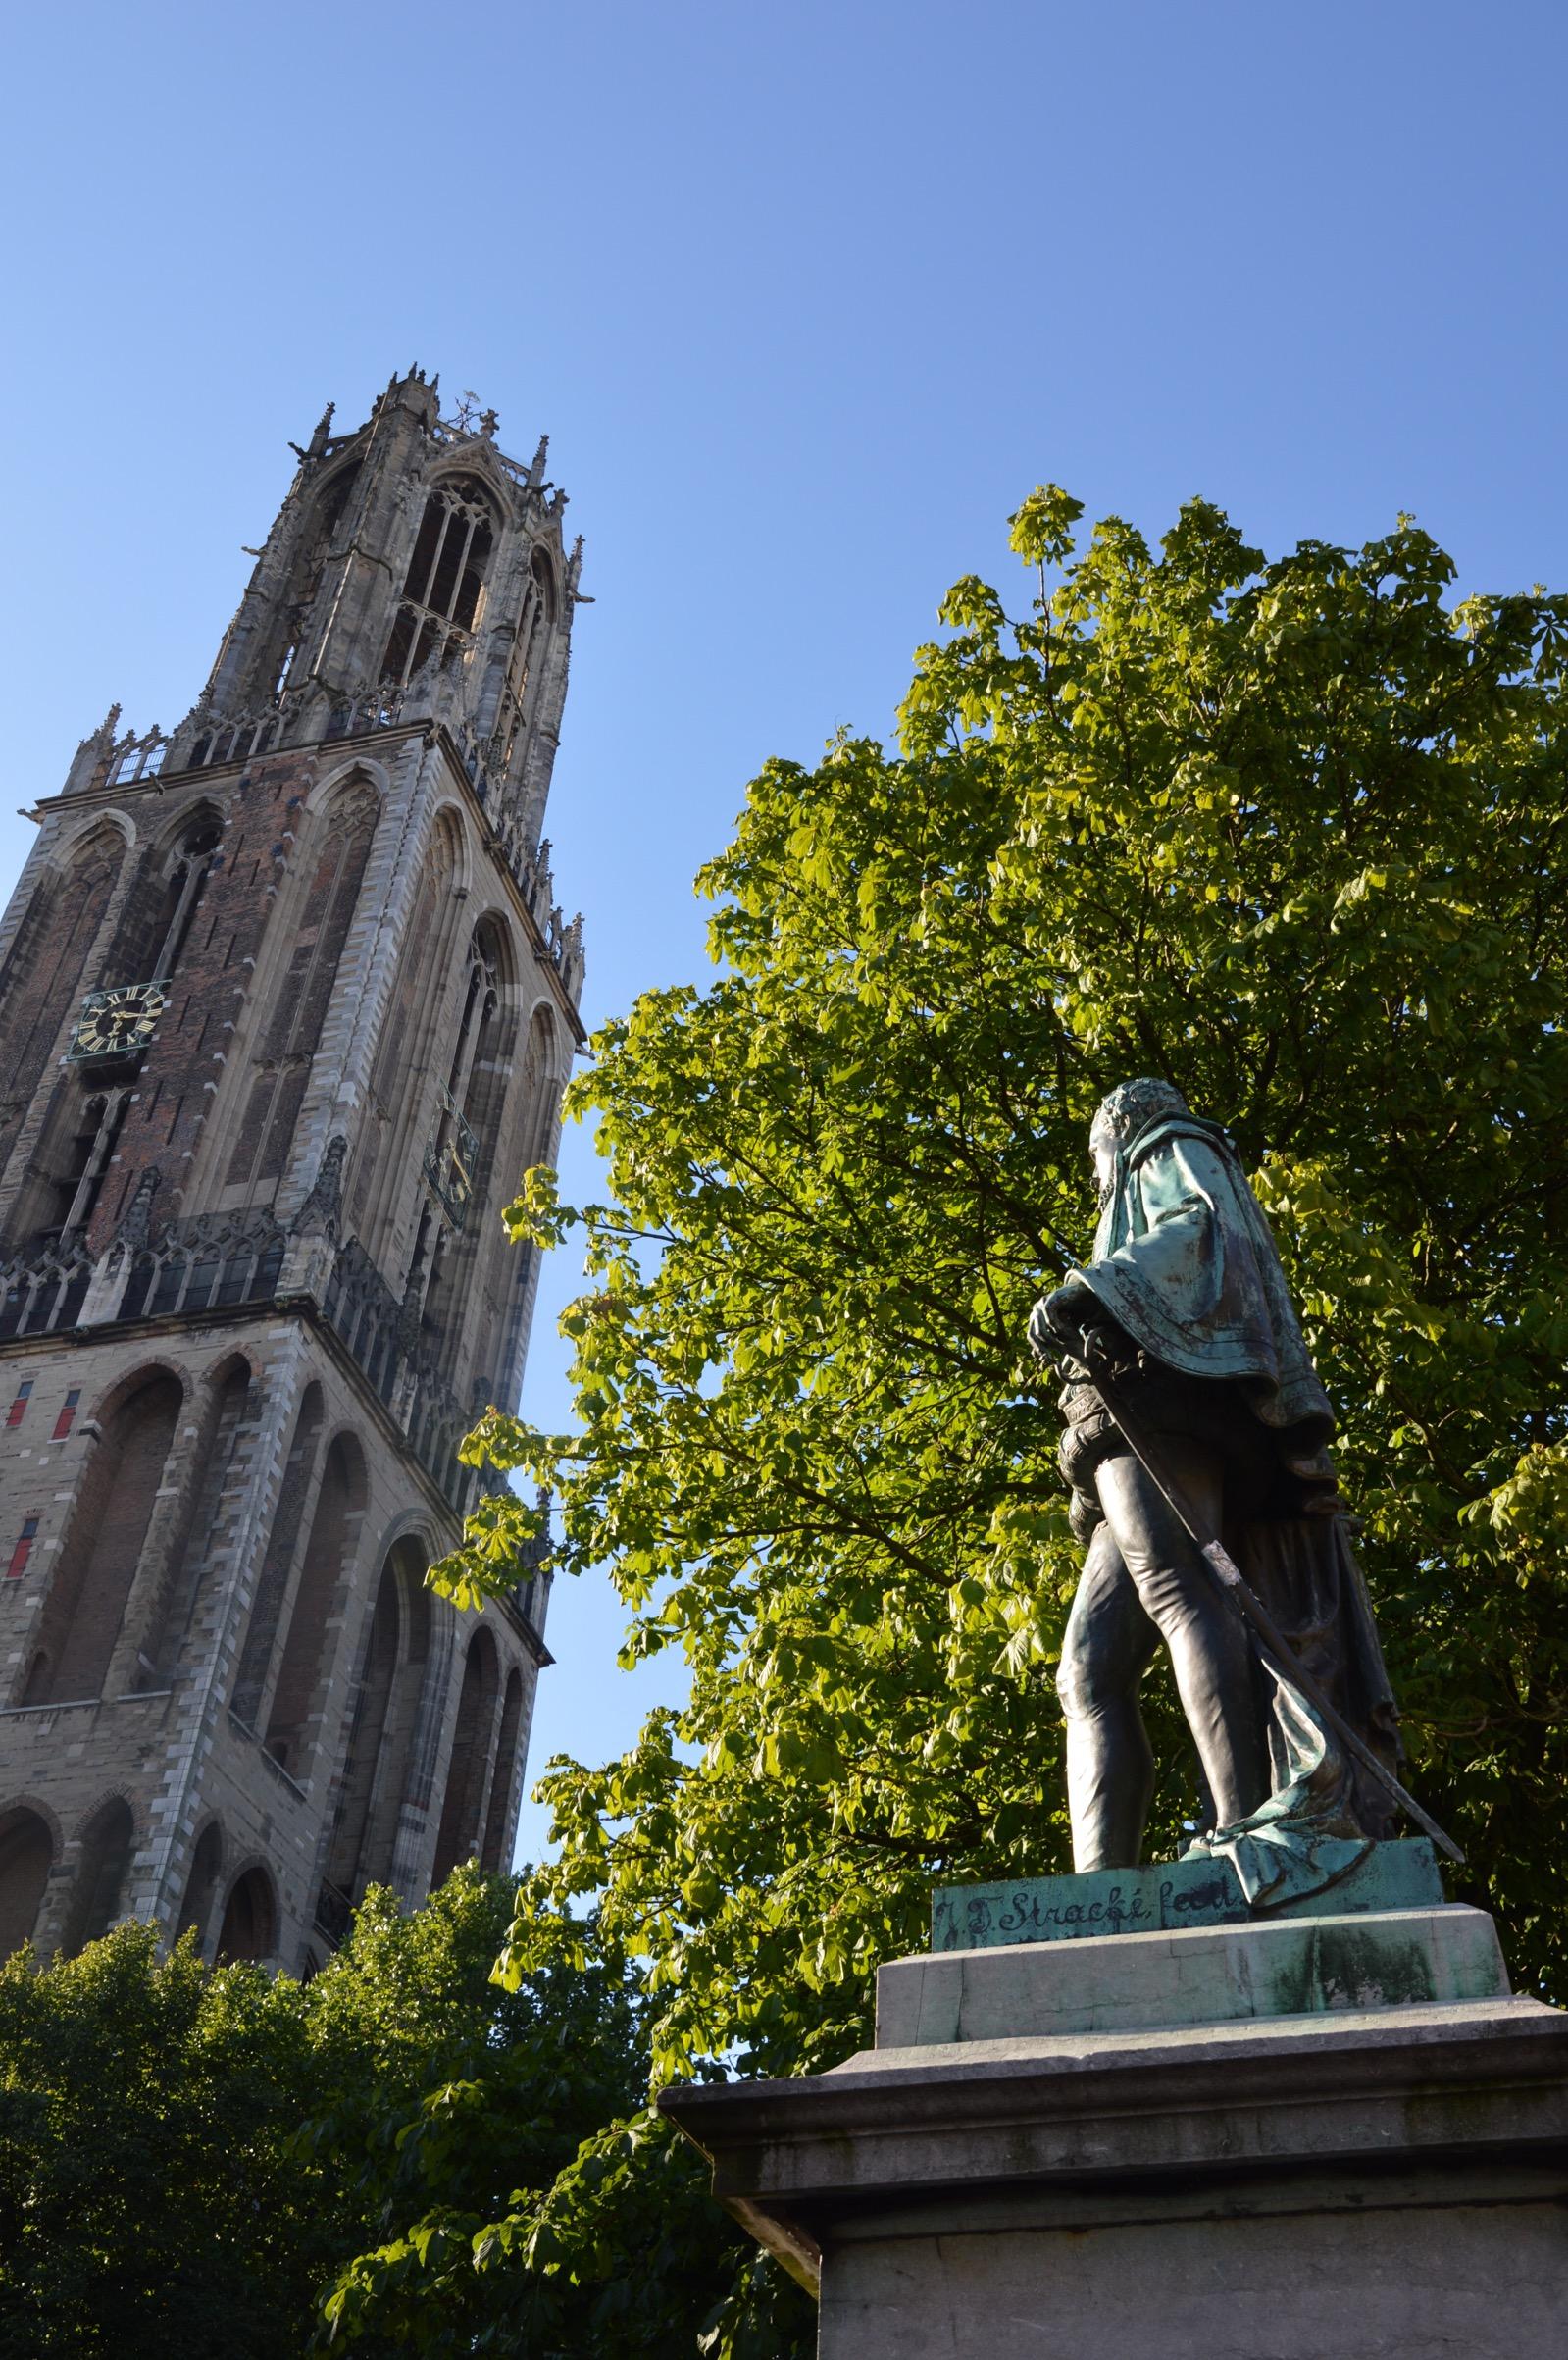 Dom Tower, Graaf Jan Van Nassau, Utrecht, the Netherlands